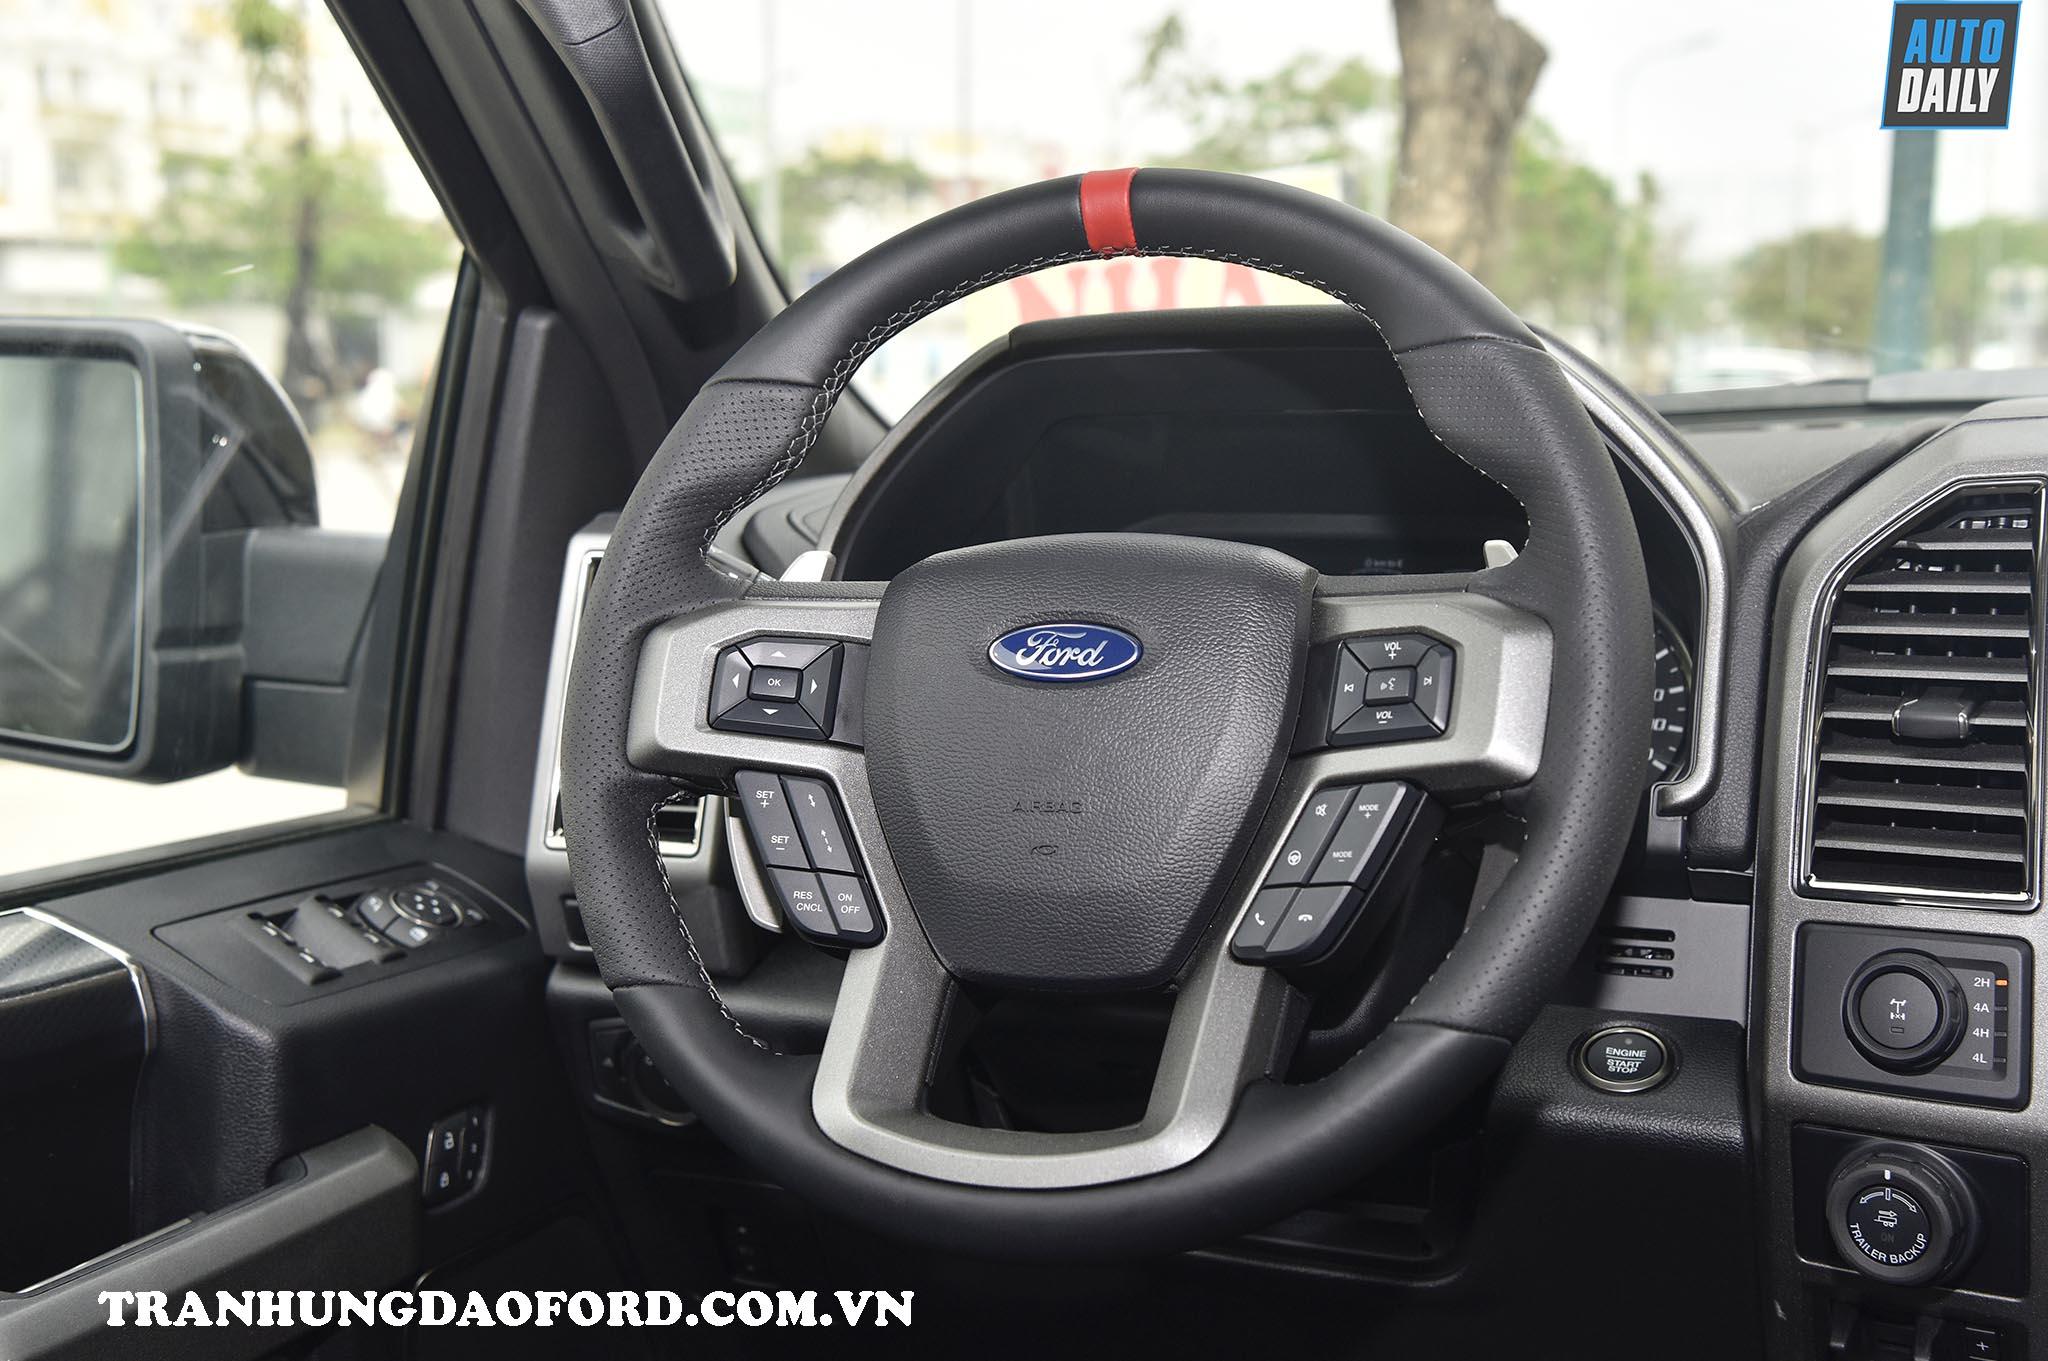 Nội thất Ford Ranger Raptor 2020